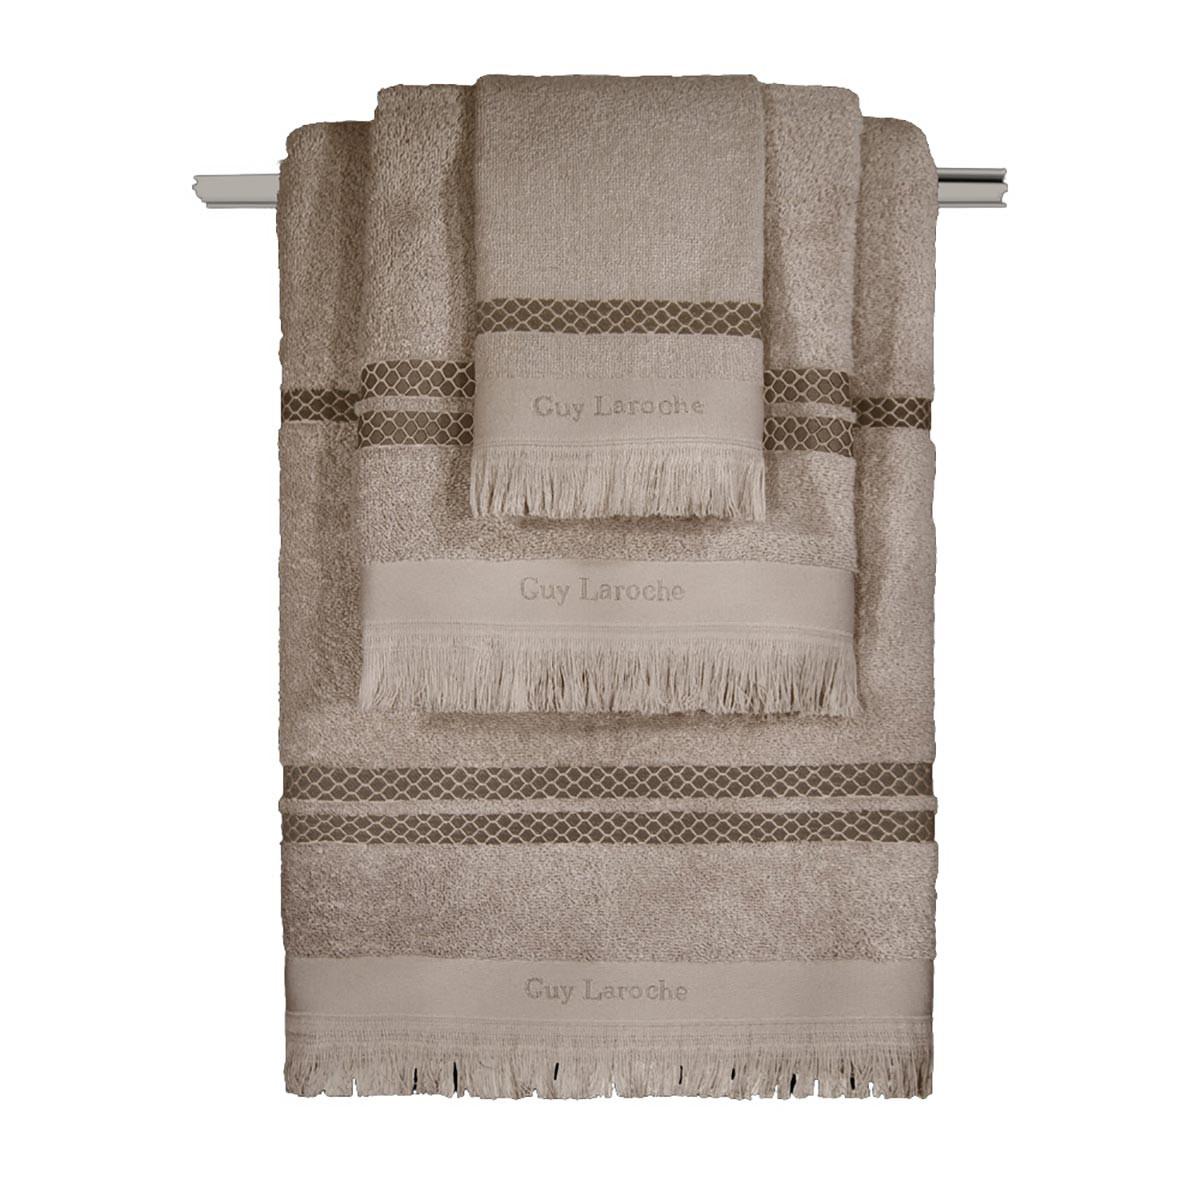 Πετσέτες Μπάνιου (Σετ 3τμχ) Guy Laroche Parma Natural